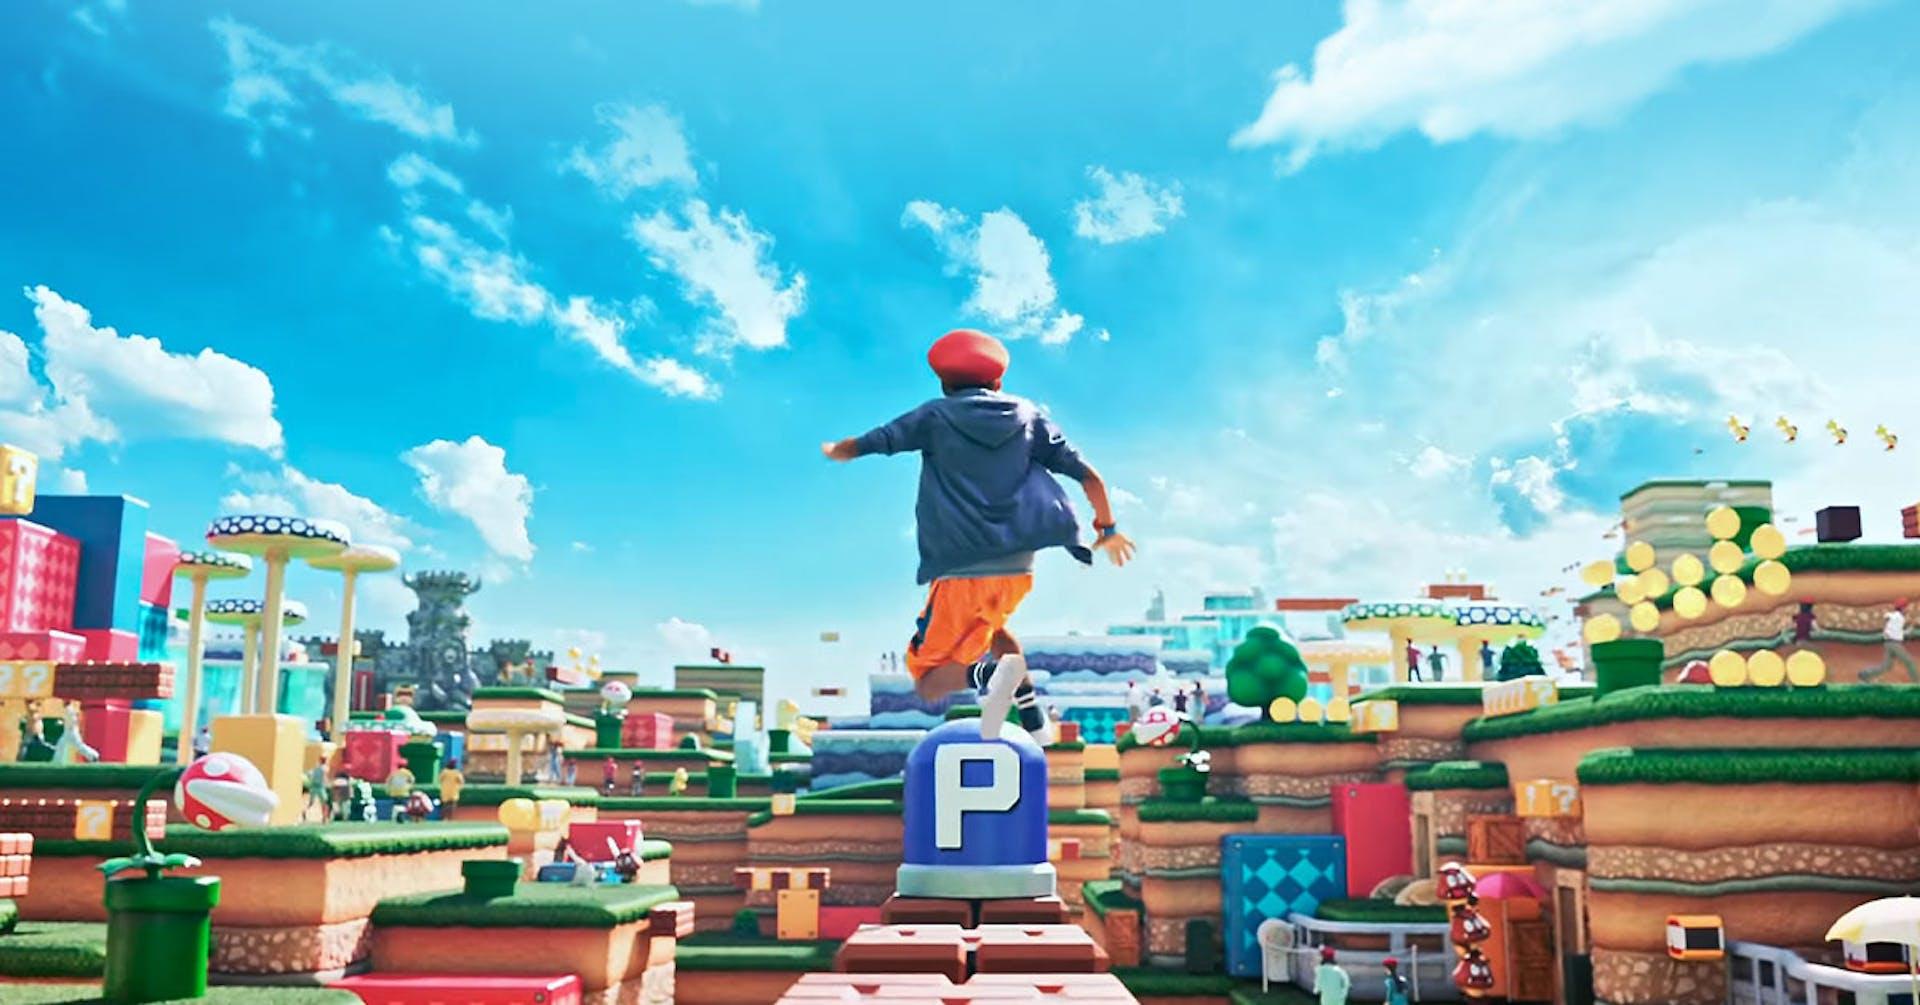 Todo sobre el nuevo parque temático de Super Mario World